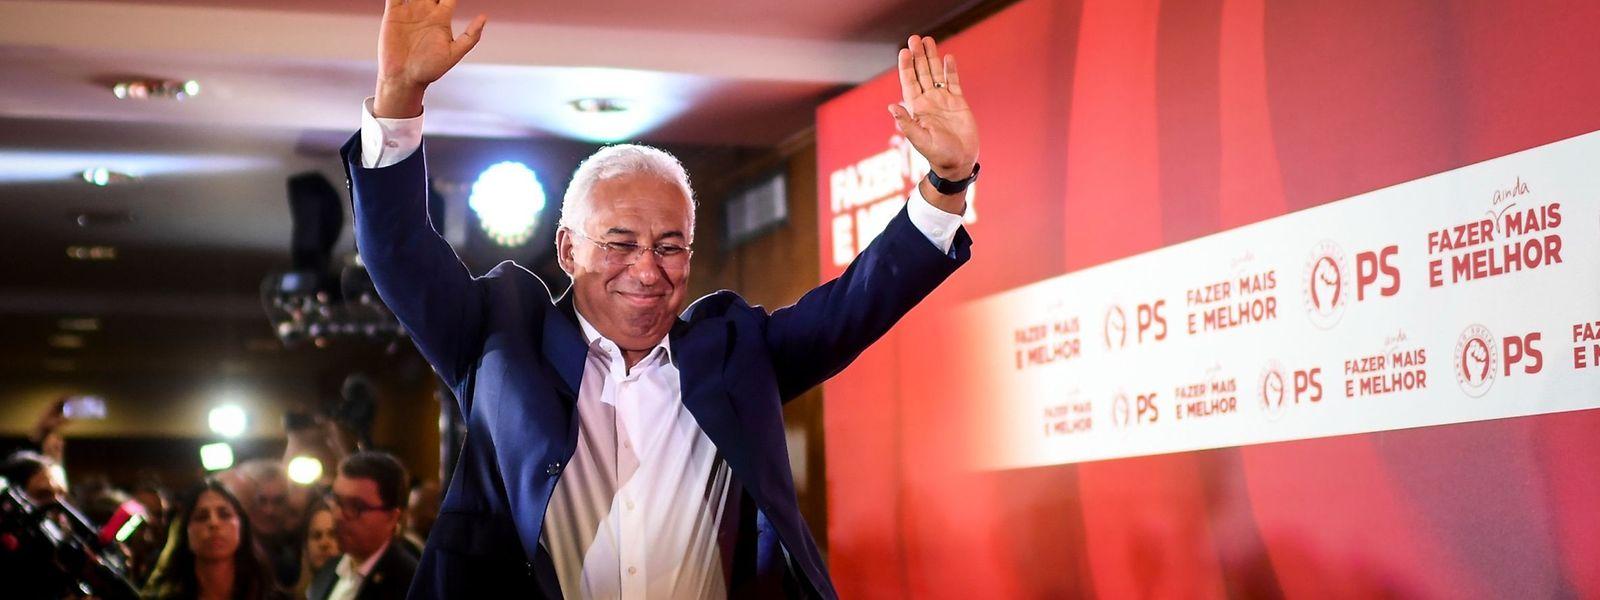 Le premier ministre Antonio Costa a mené son camp à la victoire, avec un score renforcé même.